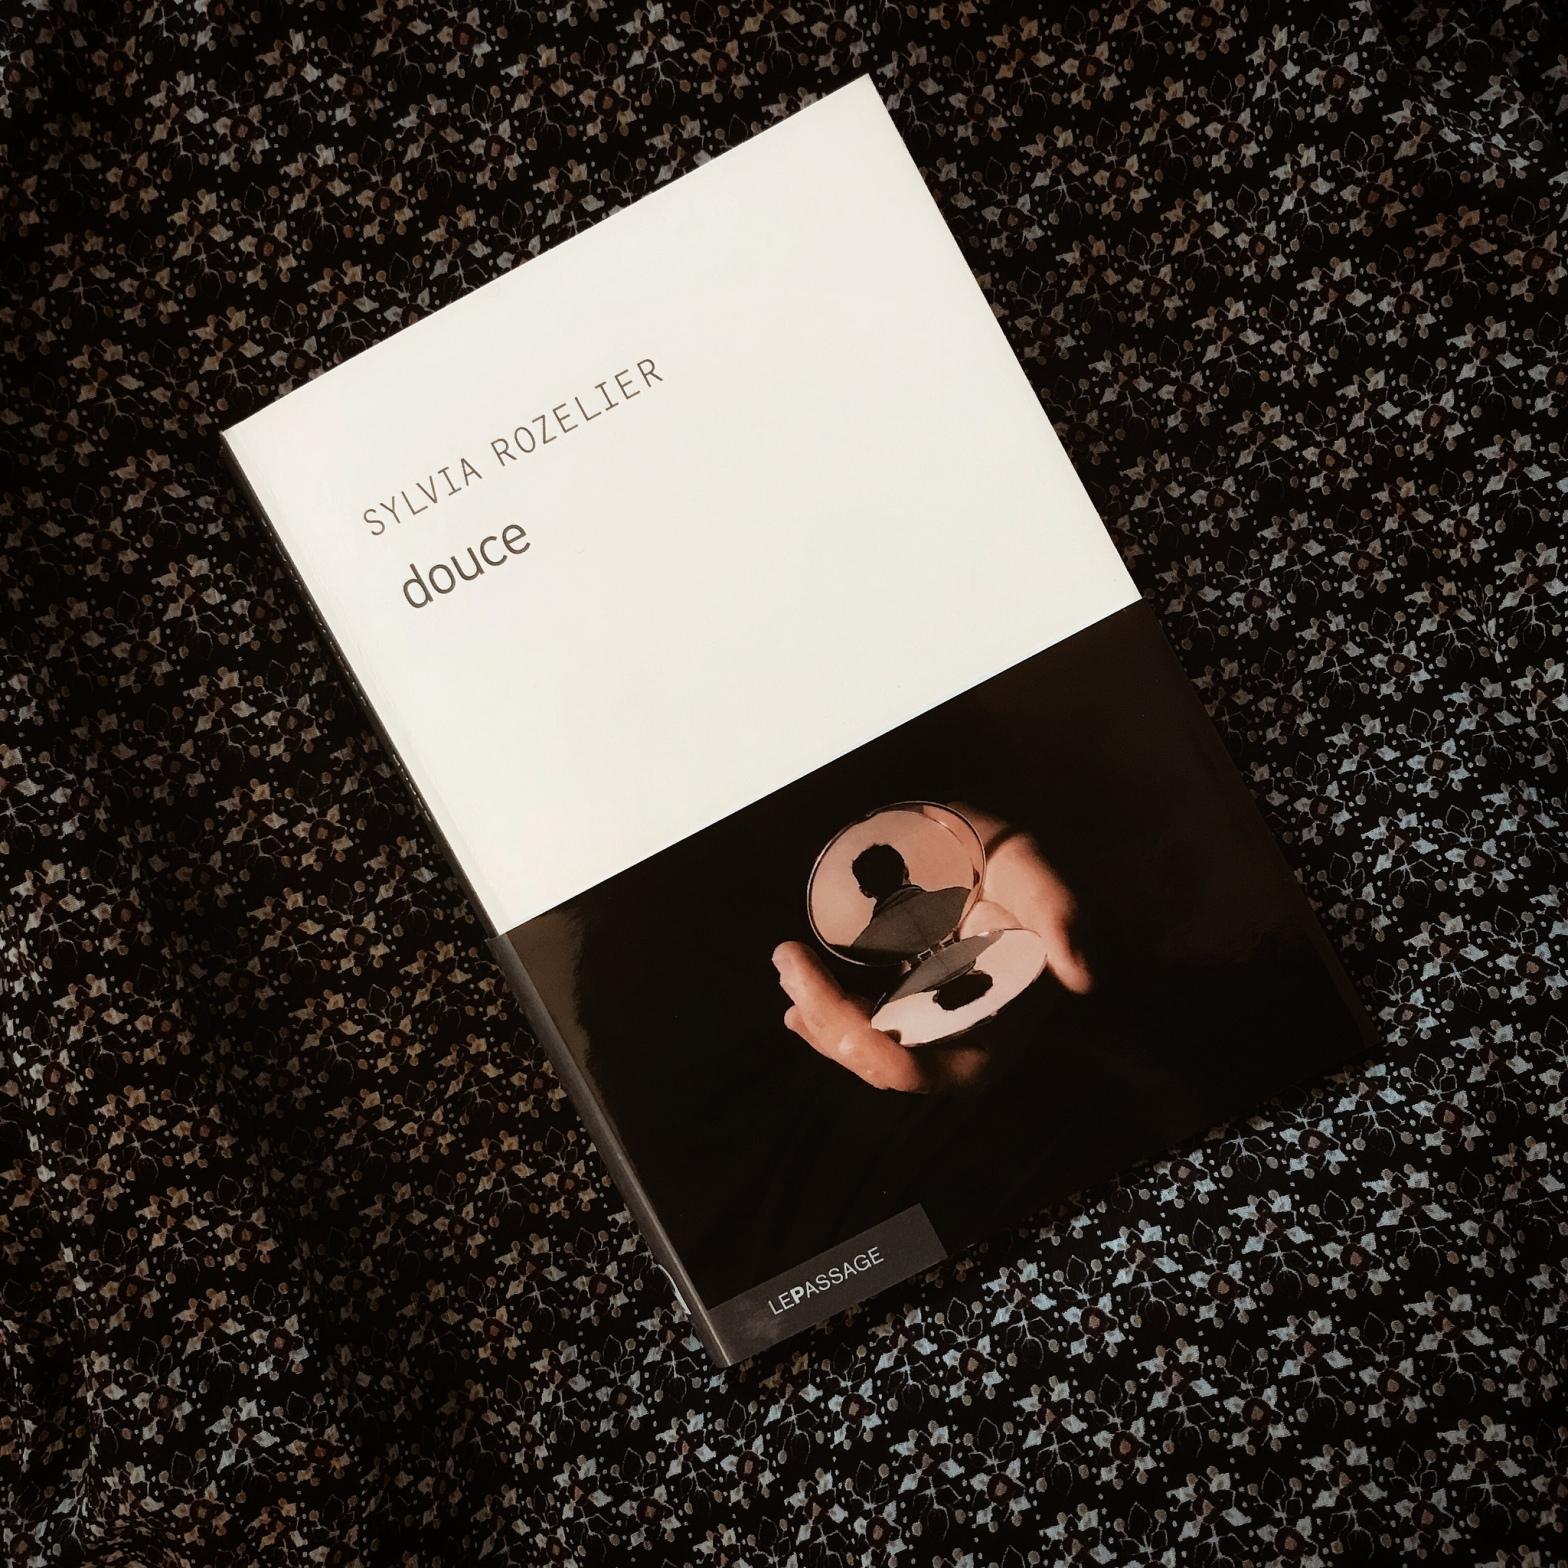 Douce, de Sylvia Rozelier : la passion à s'en dissoudre